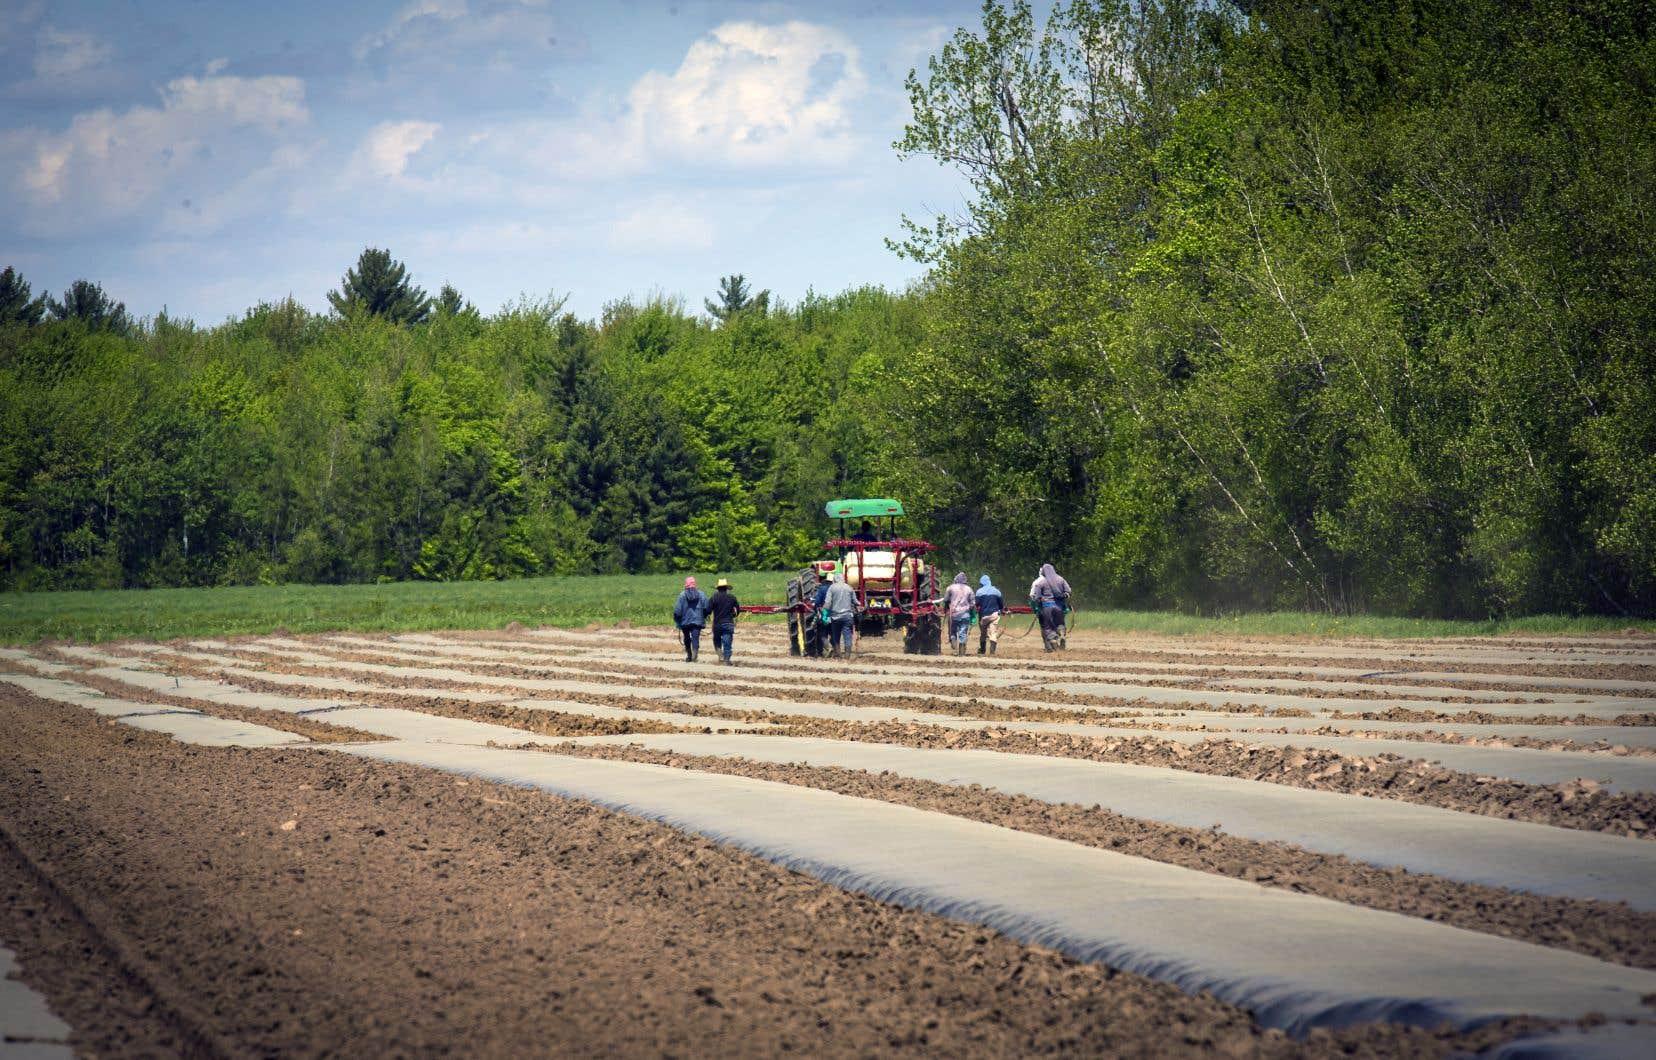 Au total, plus de 20000 travailleurs étrangers temporaires passeront par le Québec en 2021, incluant une majorité d'environ 16000 en agriculture, un nombre qui a doublé depuis 2015.